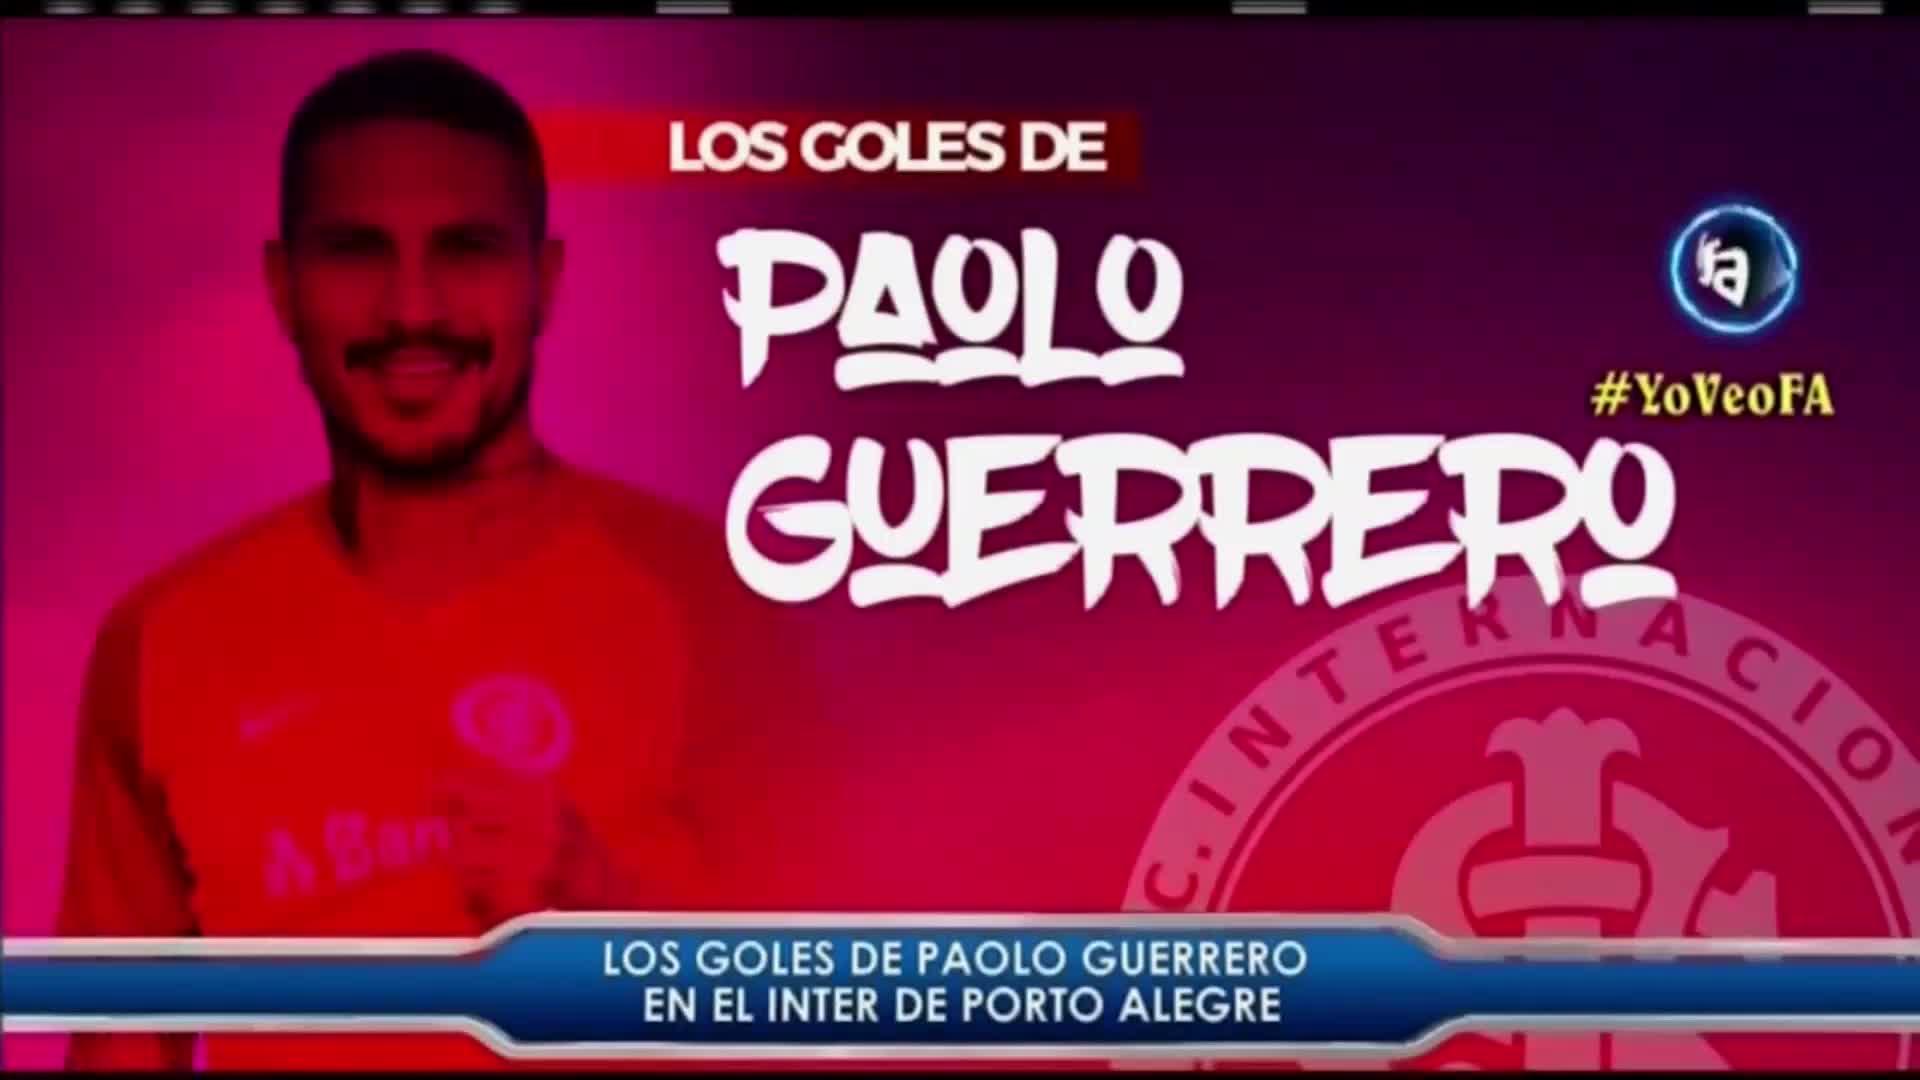 Disfruta de los mejores goles de Paolo Guerrero en Inter de Porto Alegre